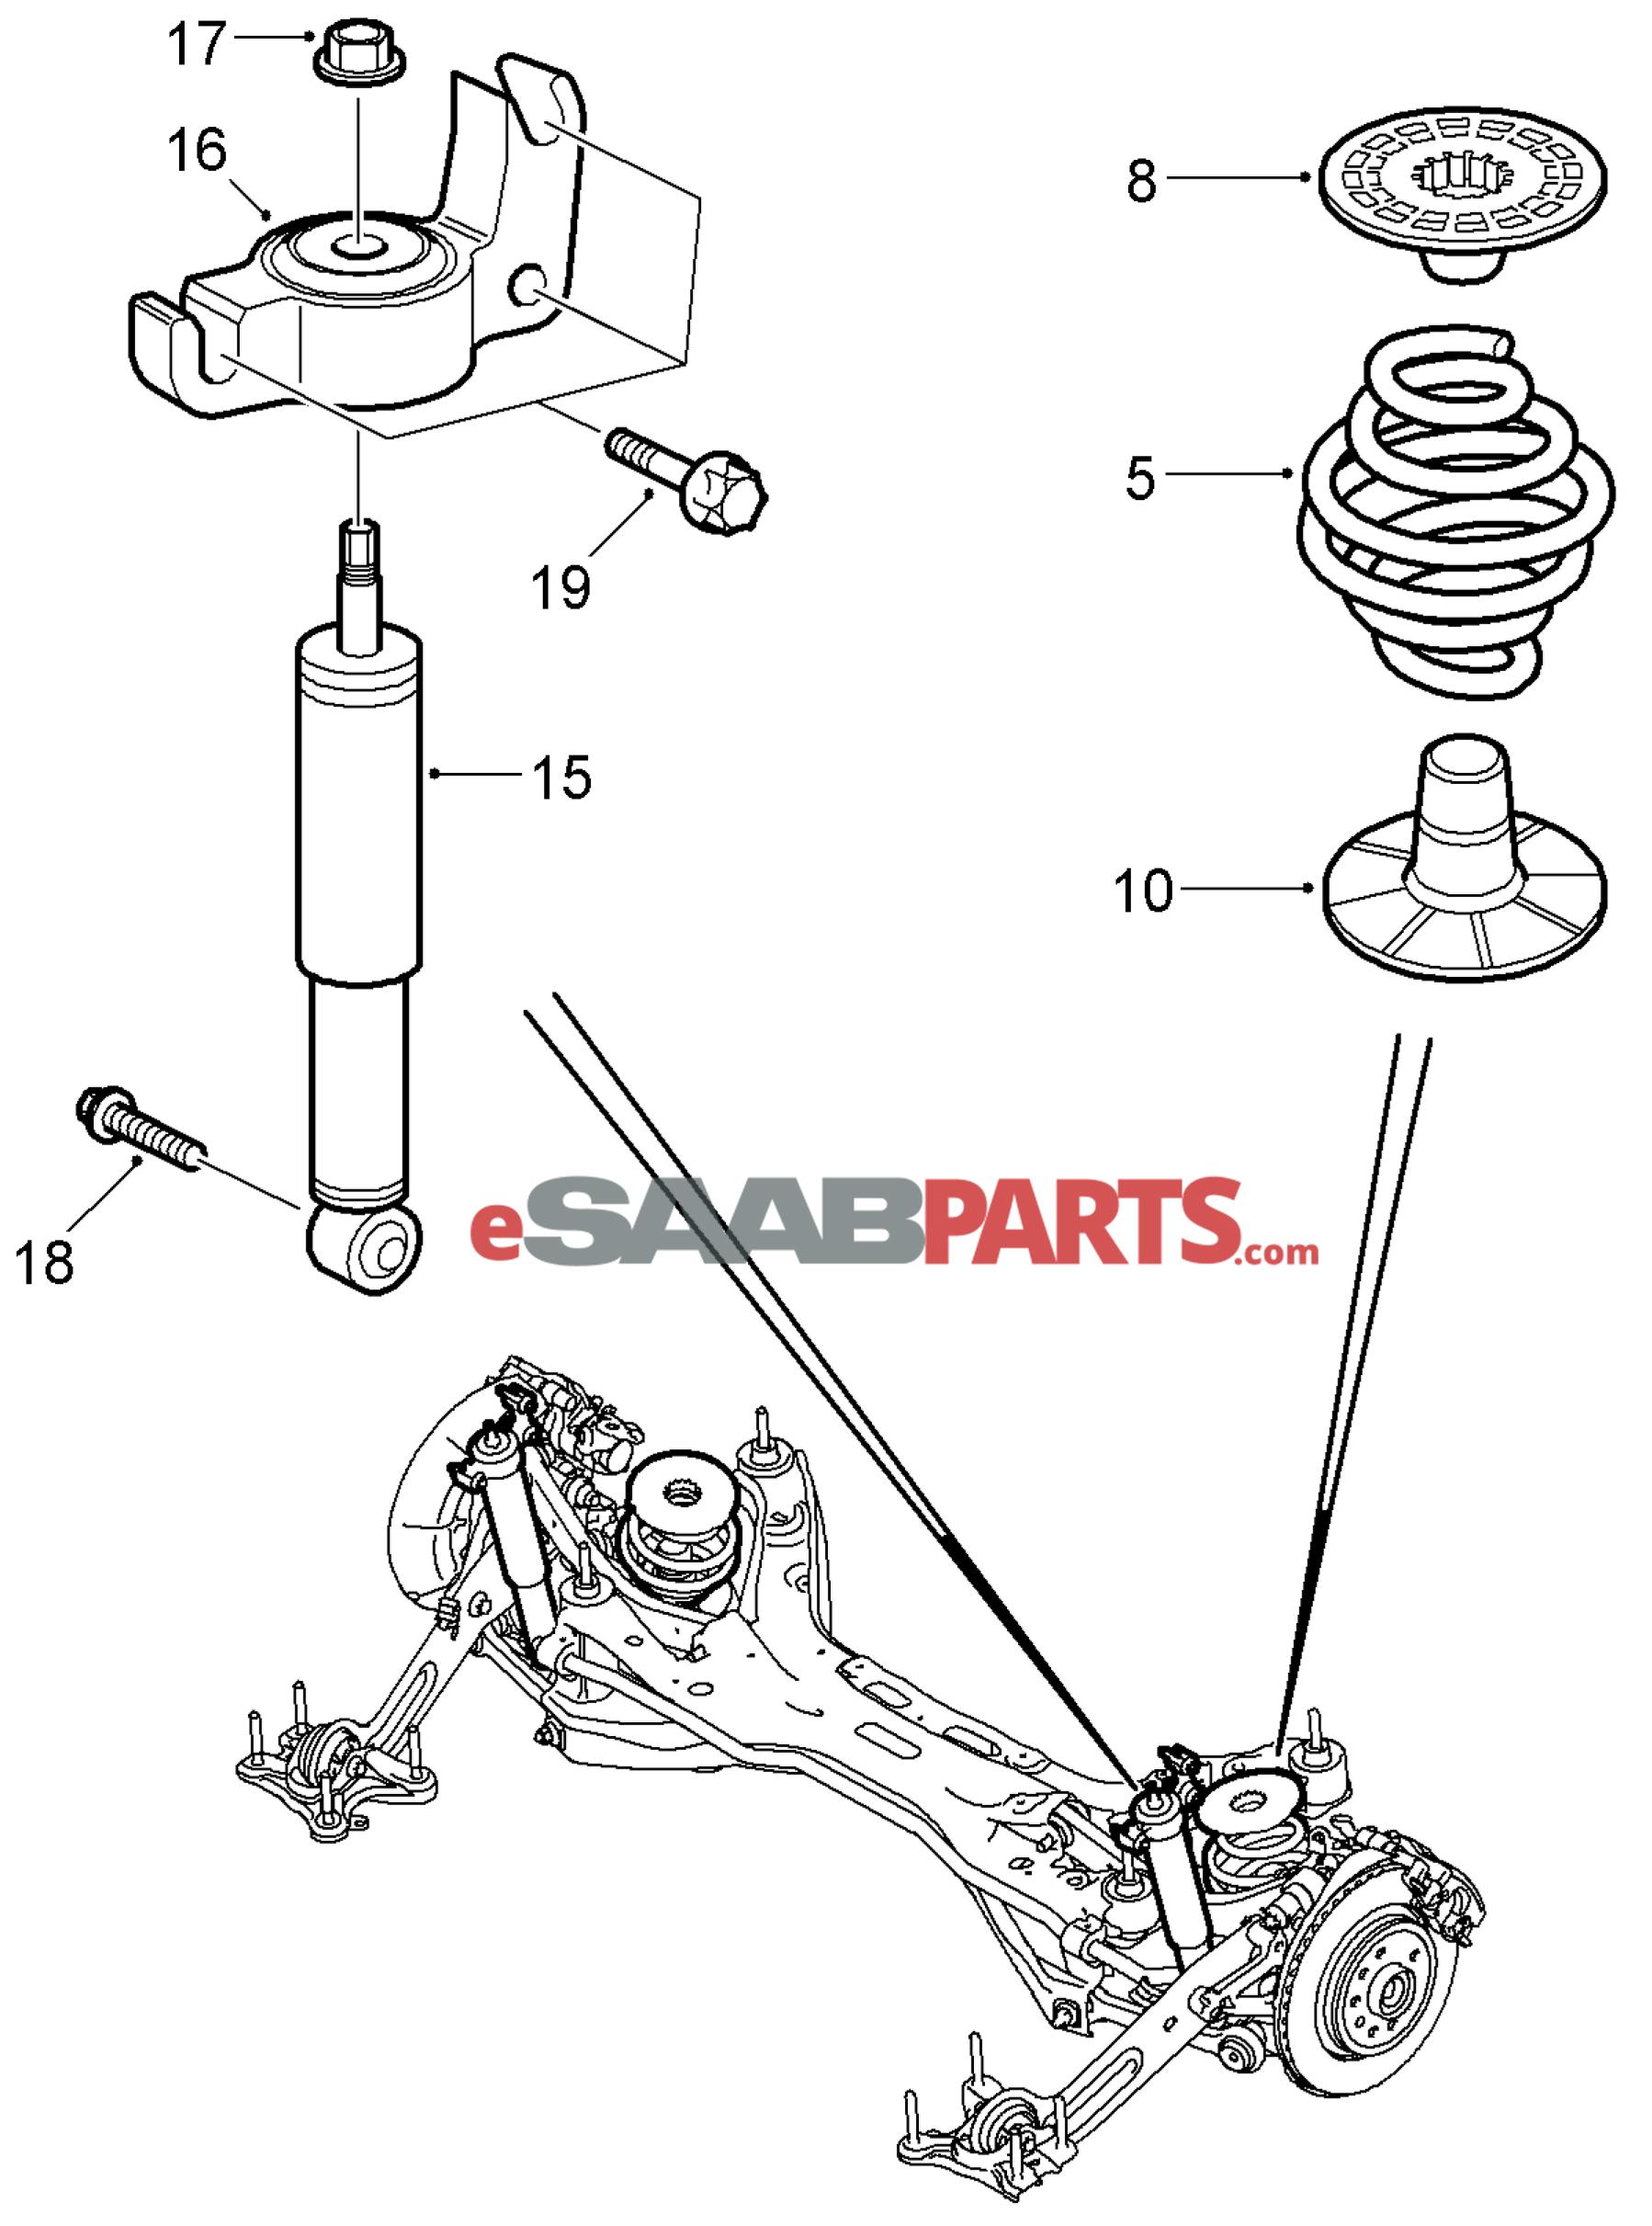 saab 9 3 fuel pump replacement on saab 93 fuel pump wiring diagram